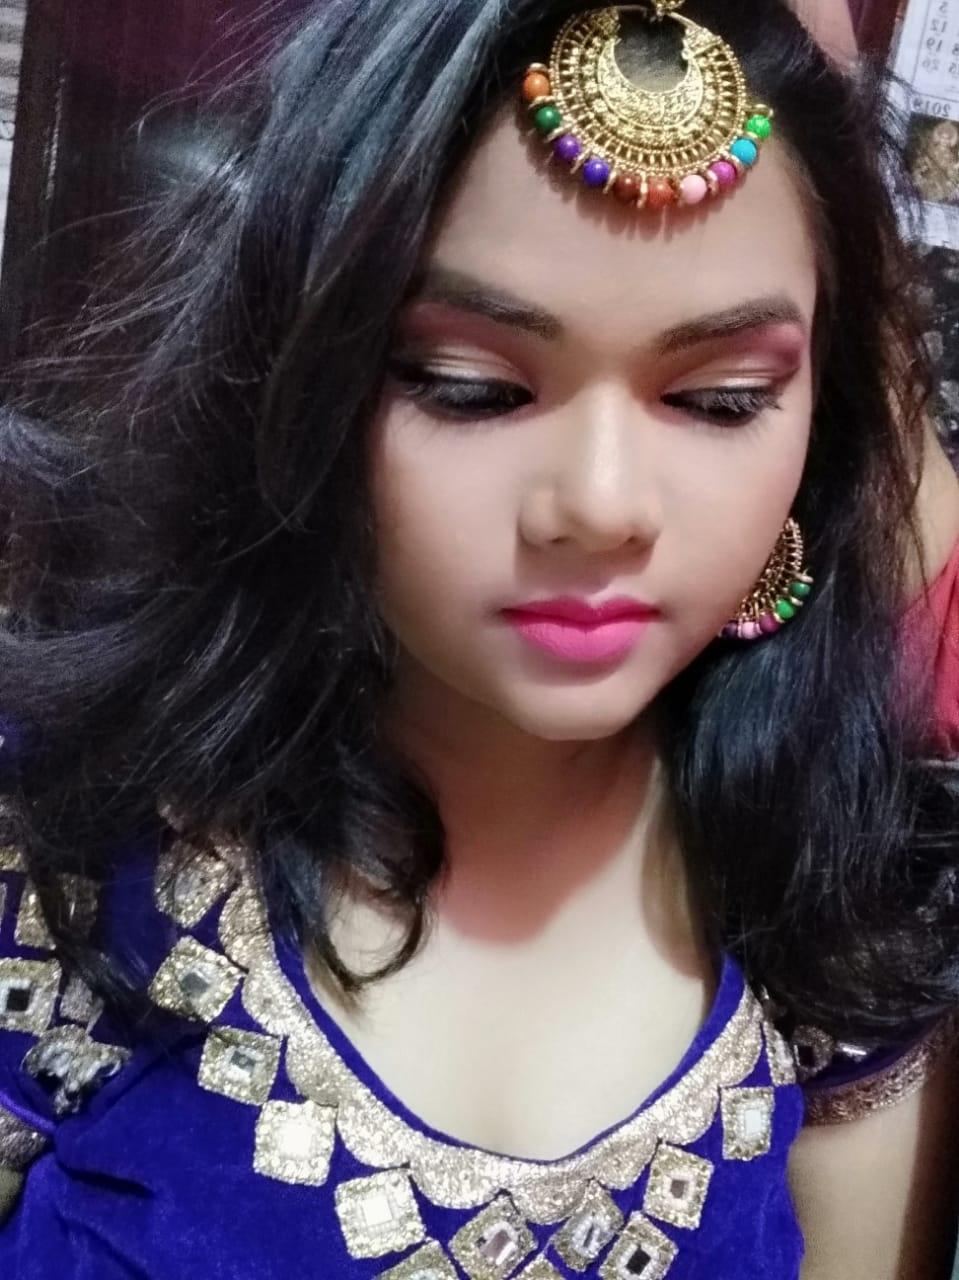 shiksha-kirar-makeup-artist-delhi-ncr